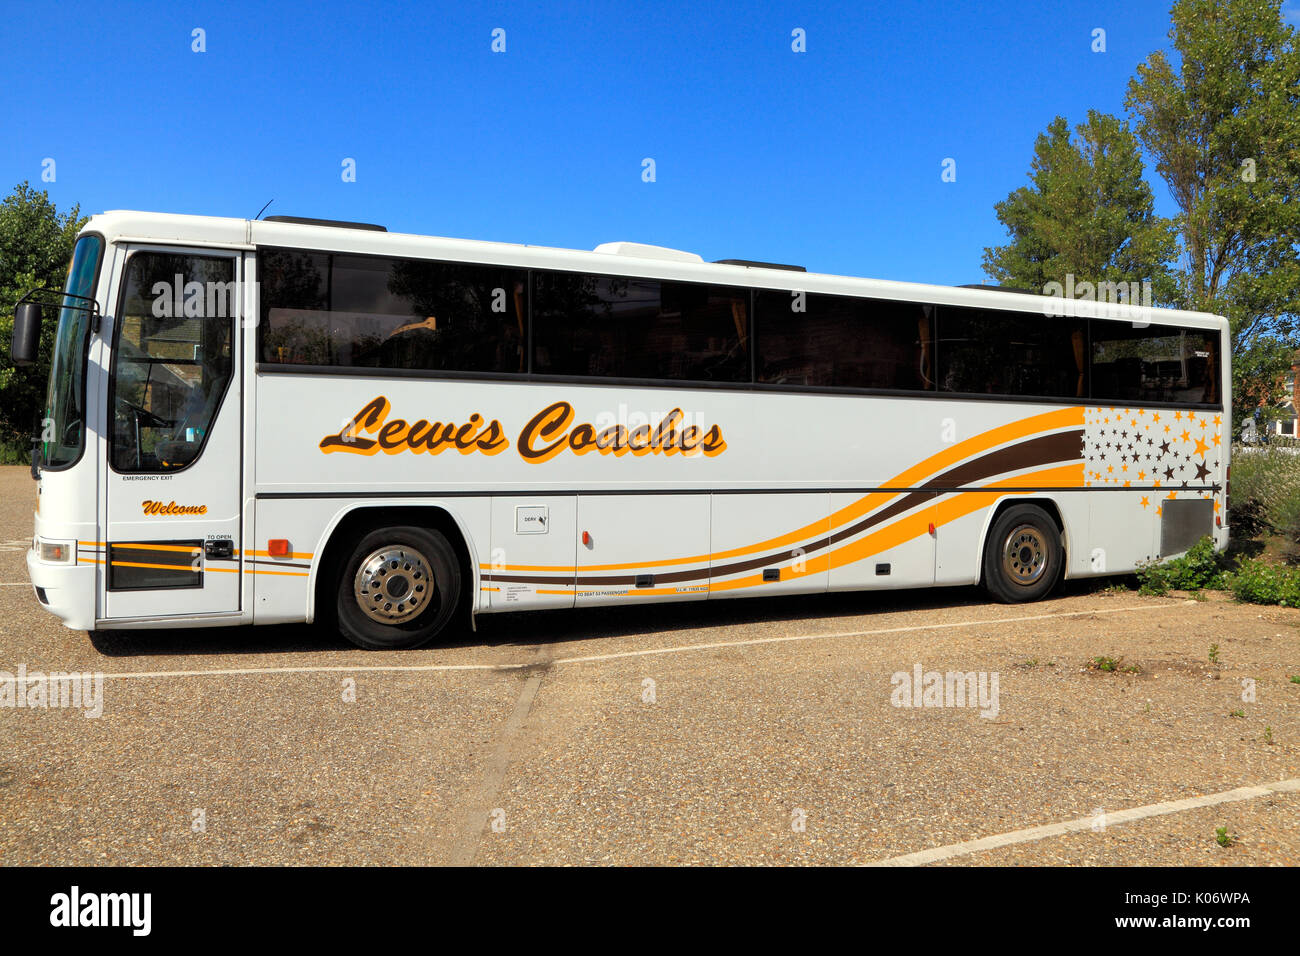 Lewis, entrenadores, coach, Executive Travel, viaje de un día, viajes, excursiones, excursiones, agencia de viajes, compañías de transporte, vacaciones, Inglaterra, Reino Unido. Imagen De Stock